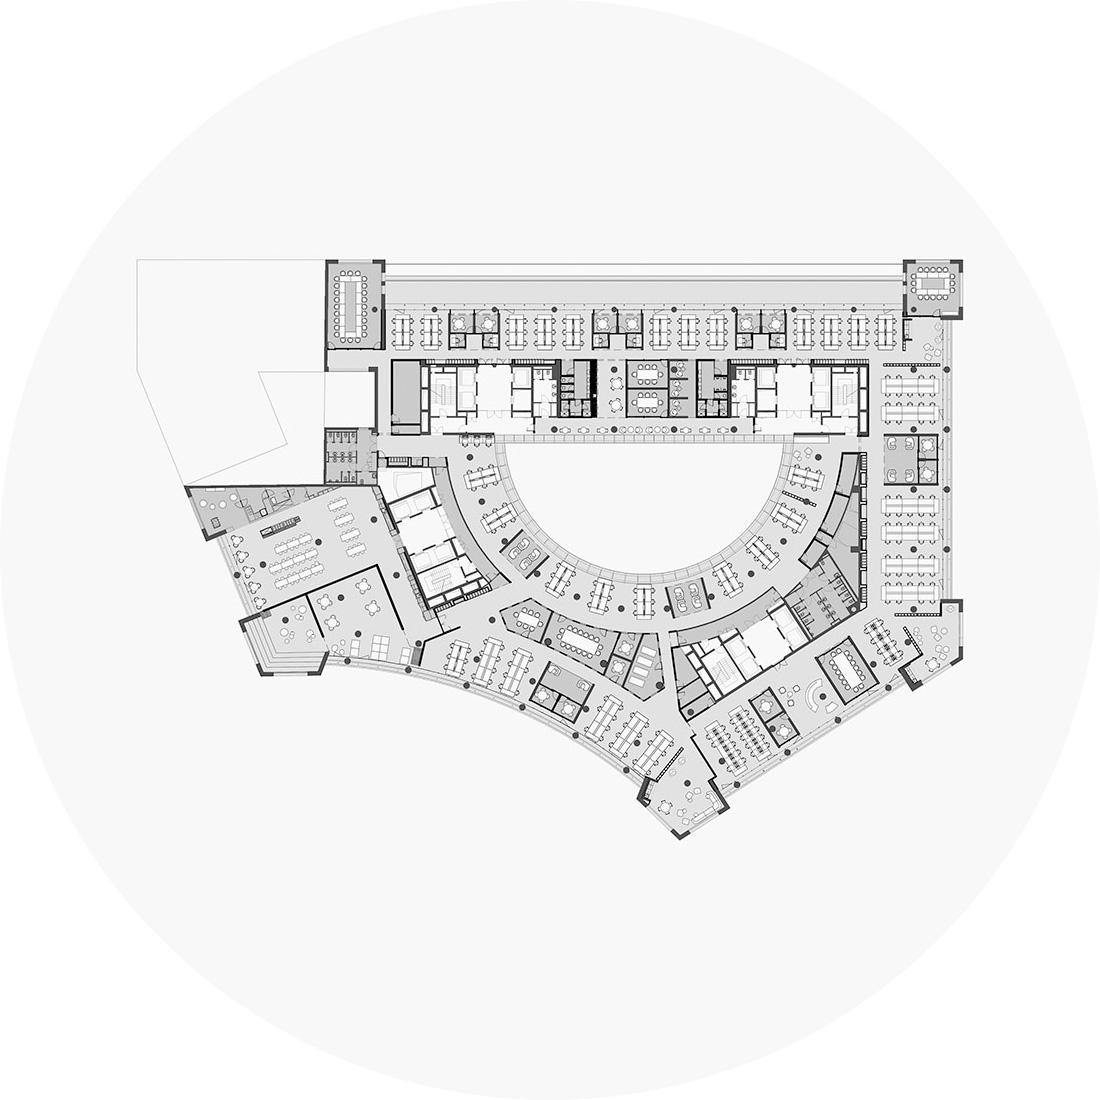 """""""Os postos de trabalho fixos foram colocados junto à fachada de modo a que os colaboradores desempenhem as suas funções nas áreas com maior luz natural – enquanto a criação de módulos com diversos programas permite que haja um maior controlo acústico nas zonas de trabalho em open-space."""" - Pedra Silva Arquitectos"""